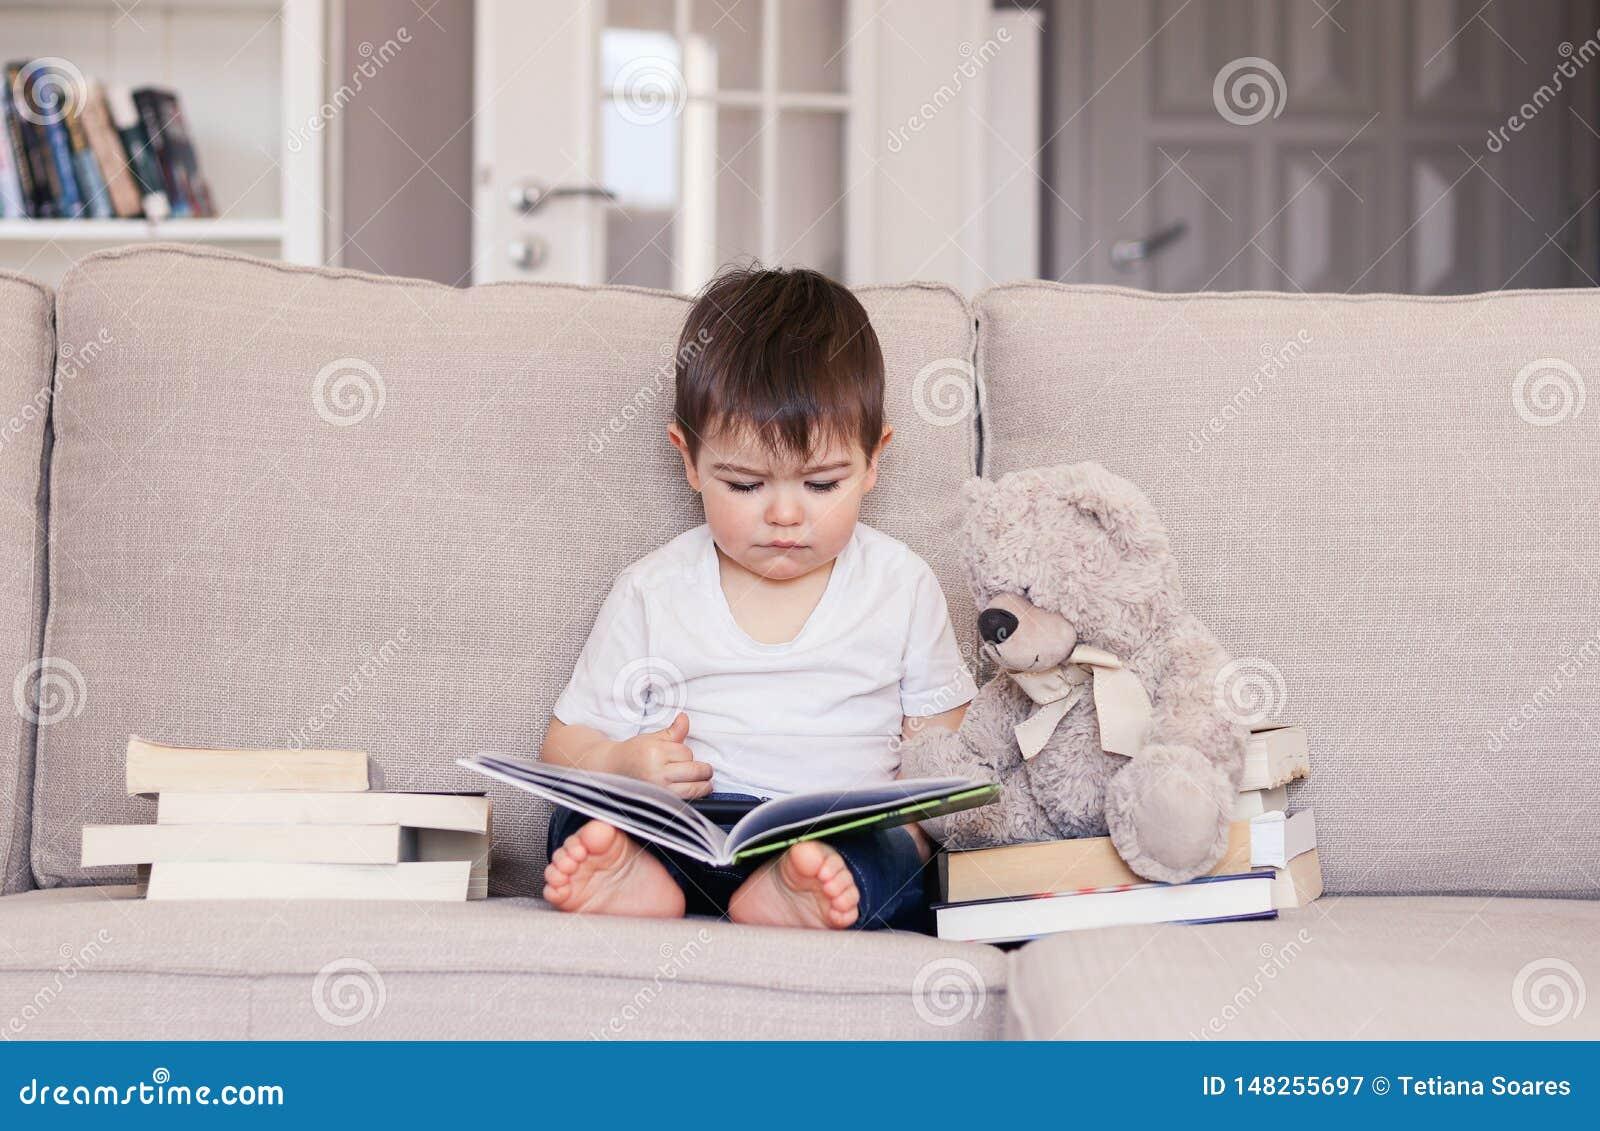 Bebê pequeno inteligente bonito afiado sobre o livro de leitura que senta-se no sofá com o brinquedo do urso de peluche e a pilha